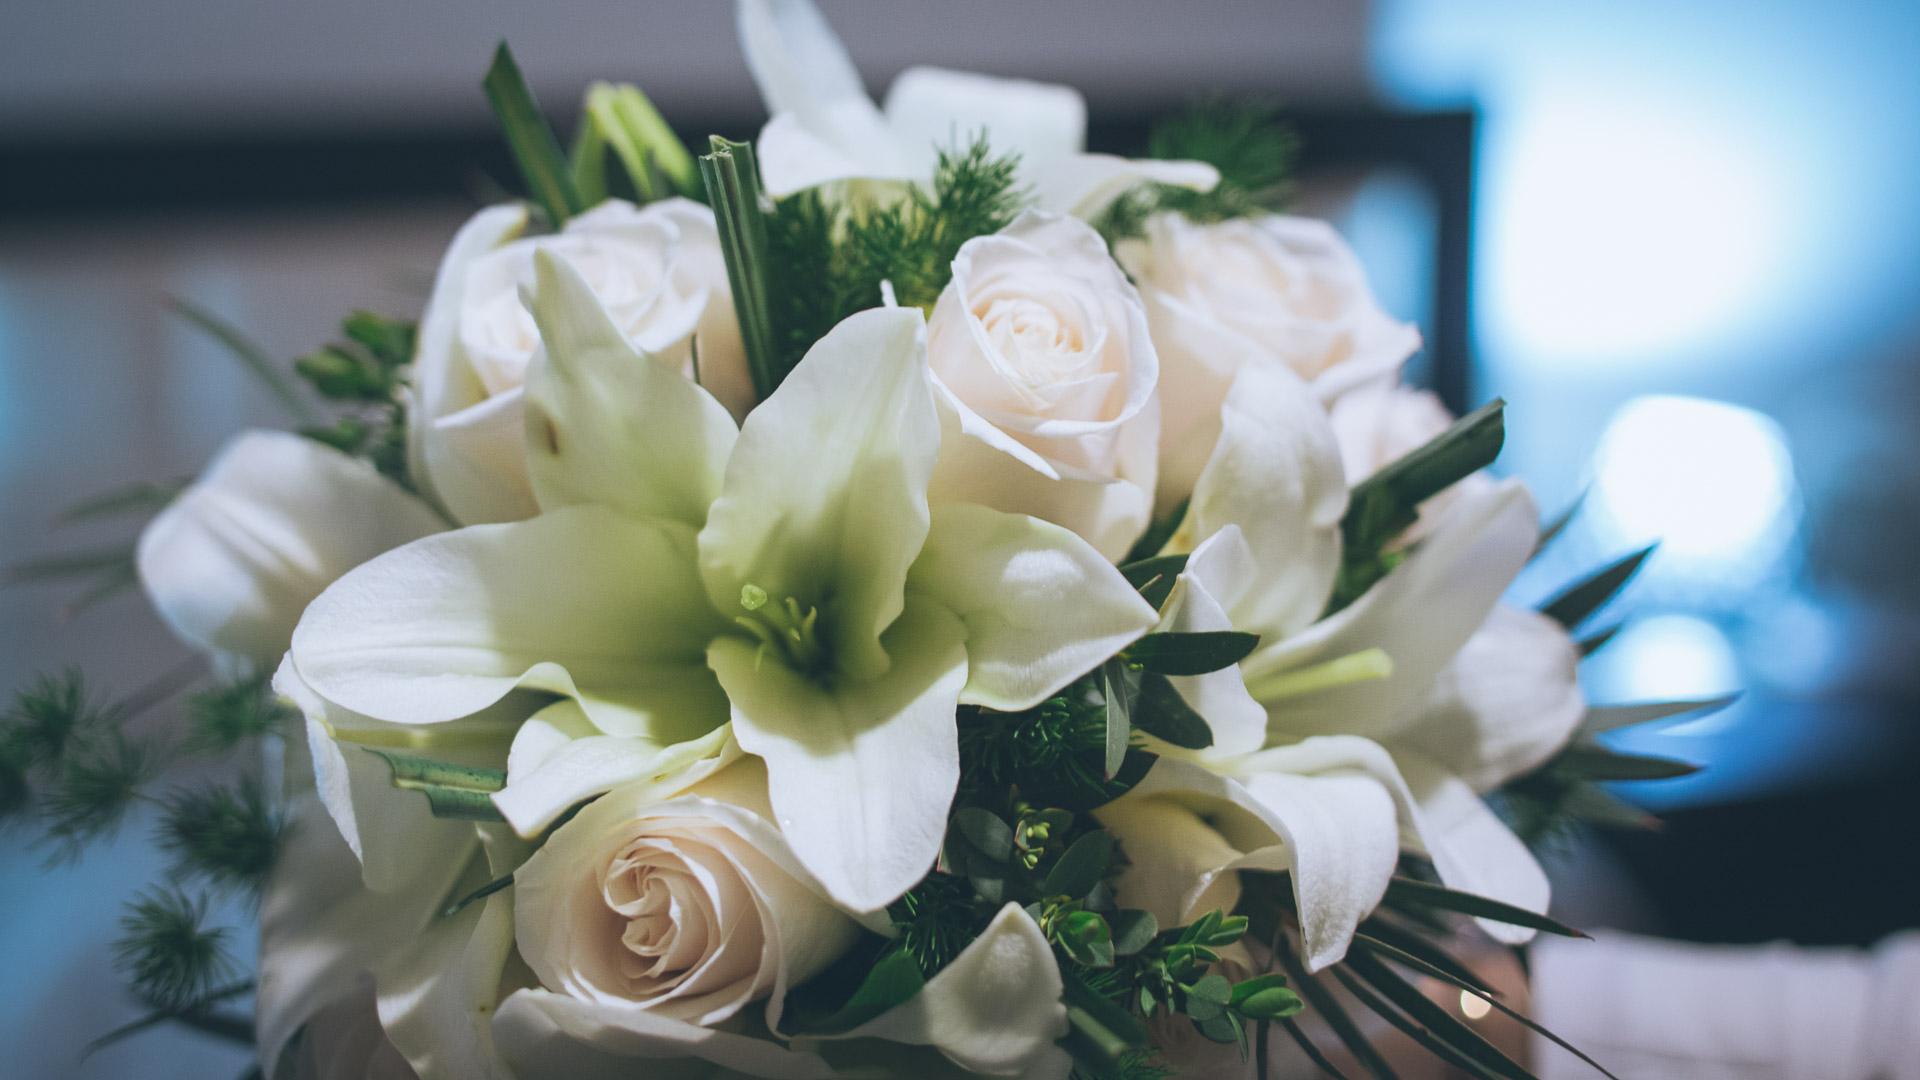 arreglos florales para bodas en bahia blanca